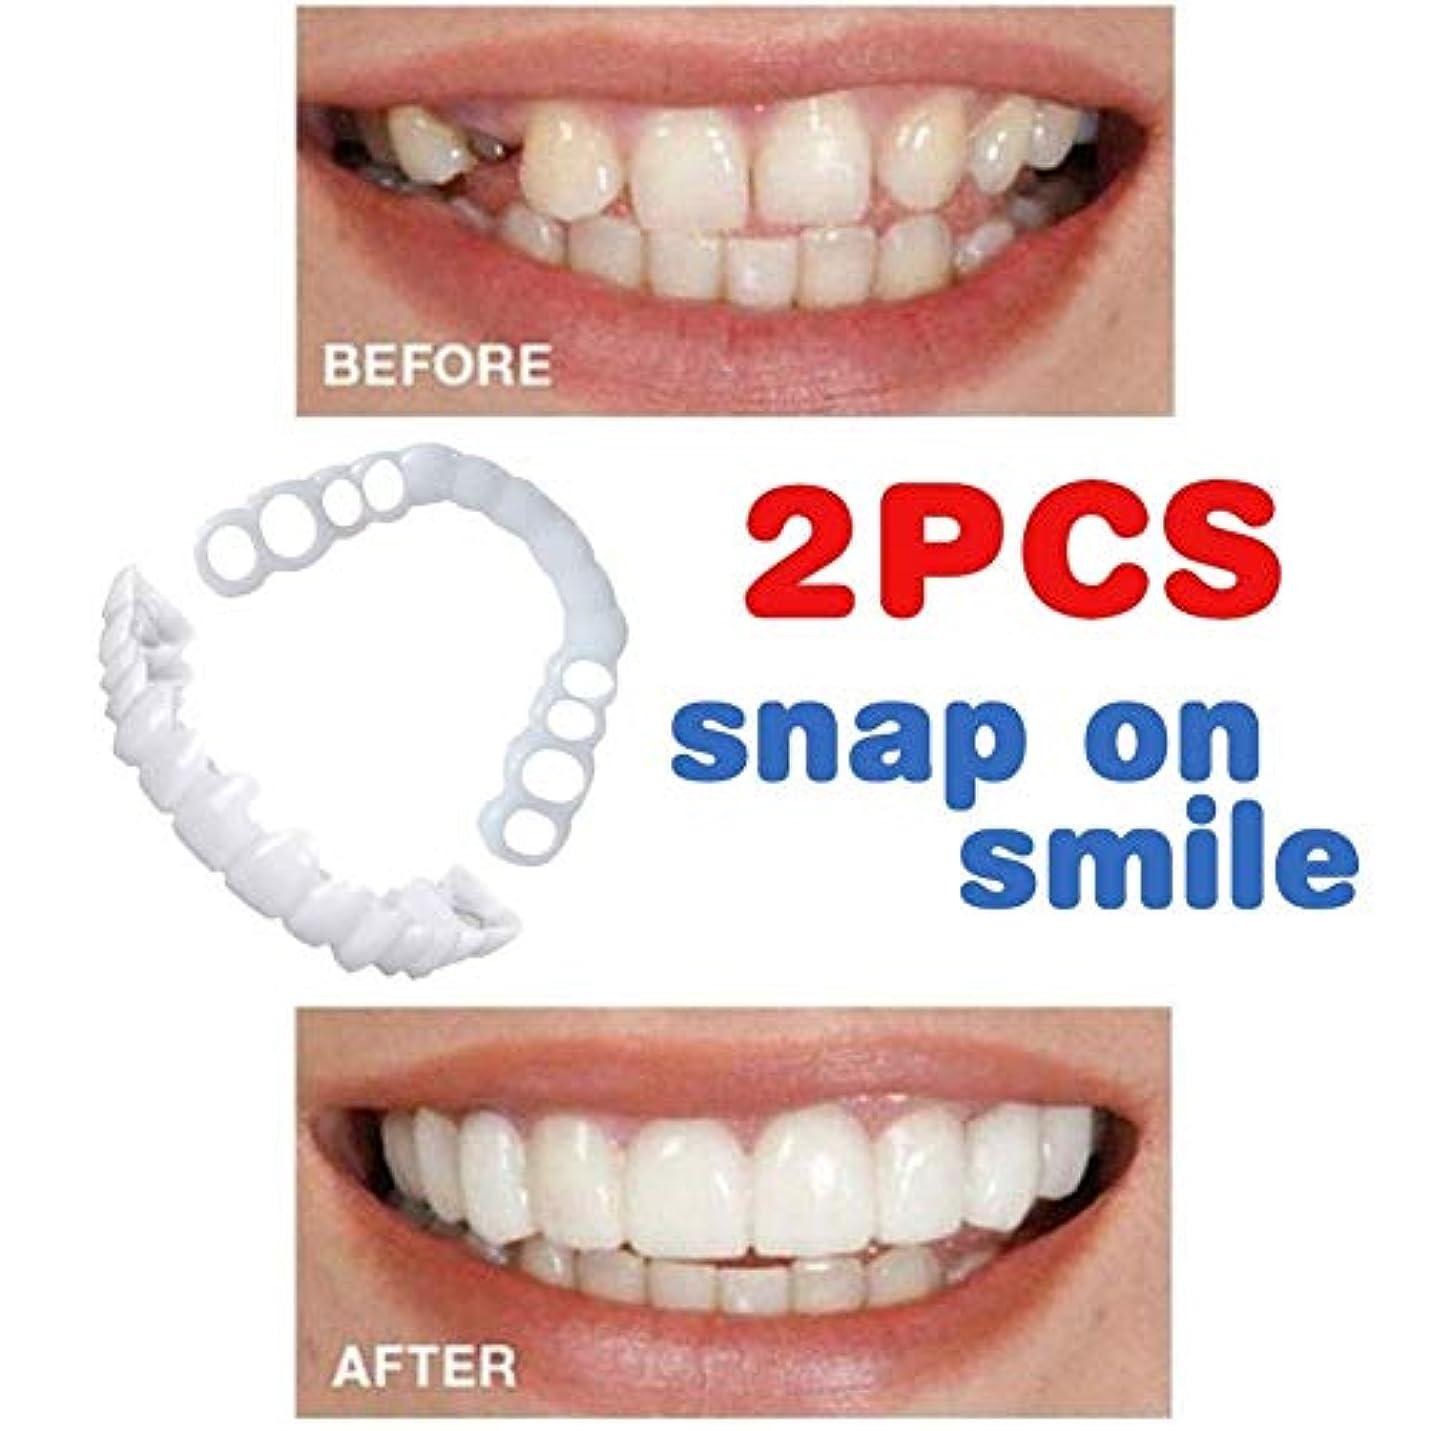 送信するセレナ広告主完璧な笑顔ホワイトニング義歯フィットフレックス化粧品歯快適なベニアカバーデンタルケアアクセサリーベニア化粧品ベニア